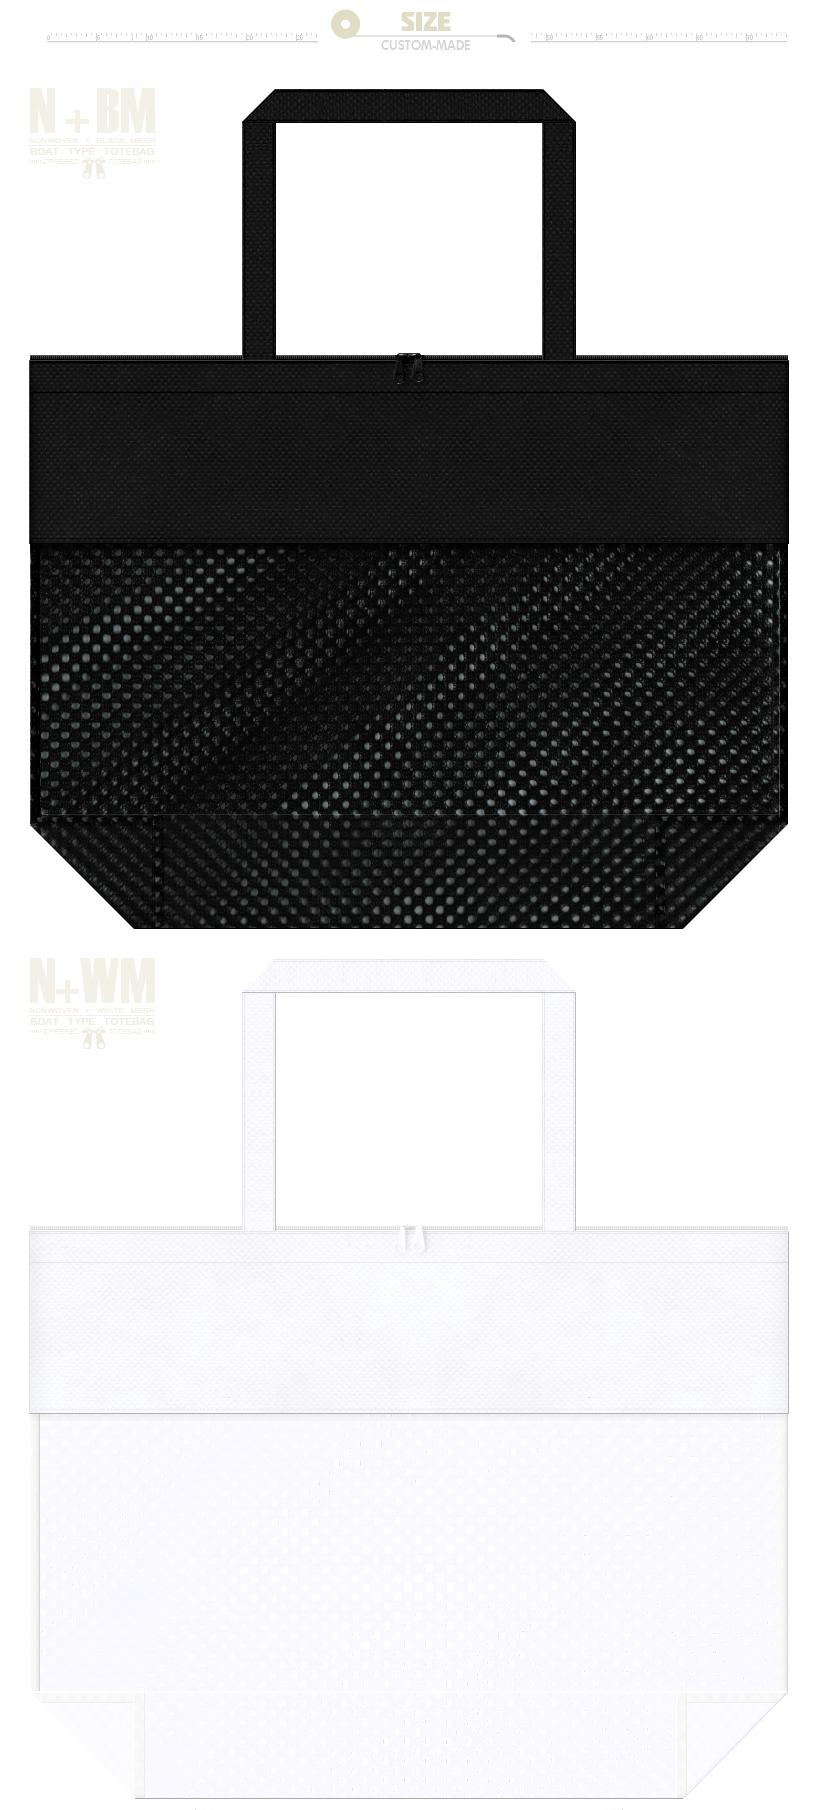 台形型のメッシュバッグ:上-黒色、下-白色